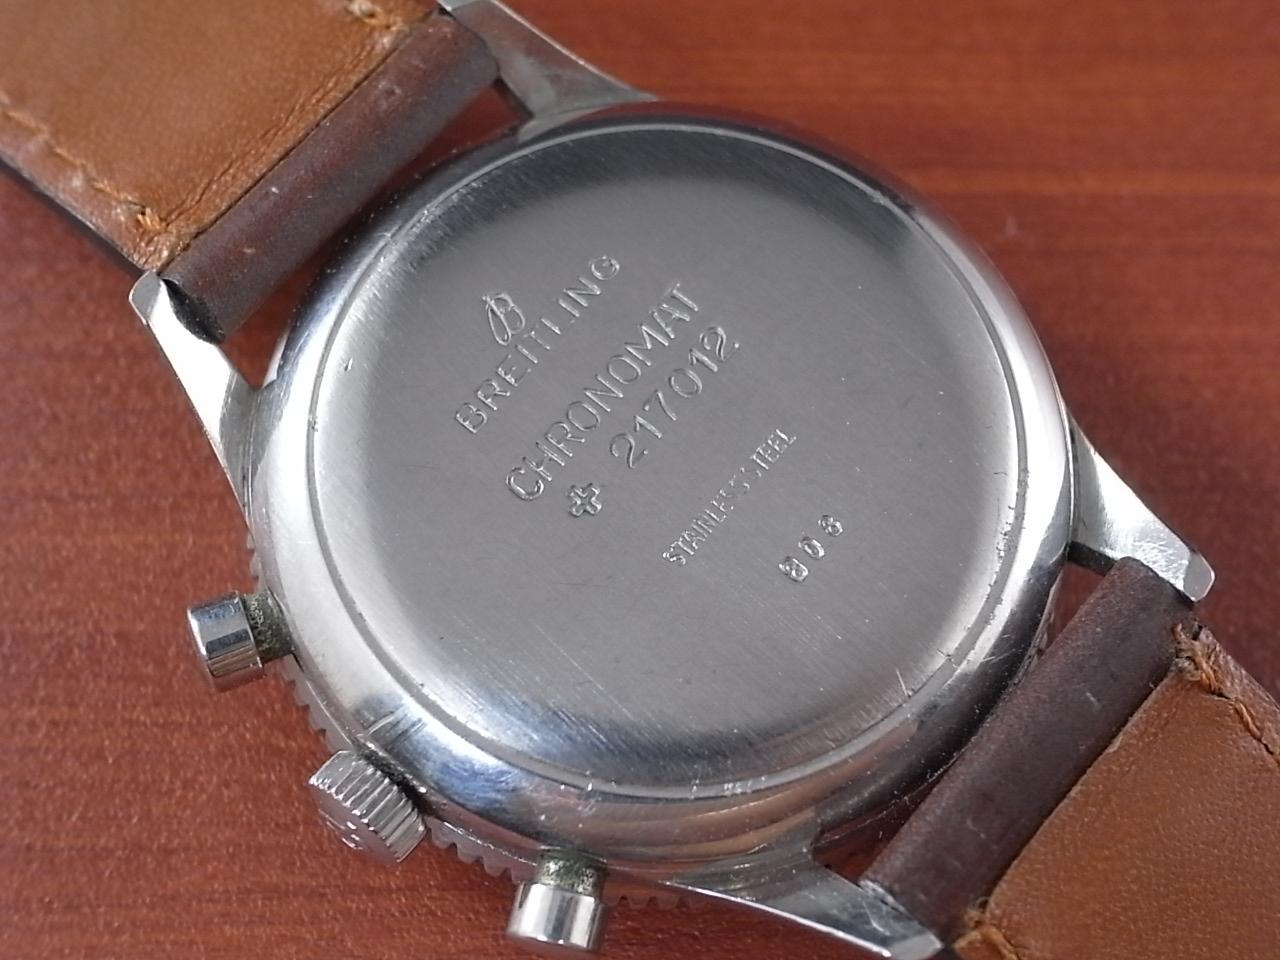 ブライトリング クロノマット セカンド ブラックDL Ref.808 ビーナス175 1950年代の写真4枚目